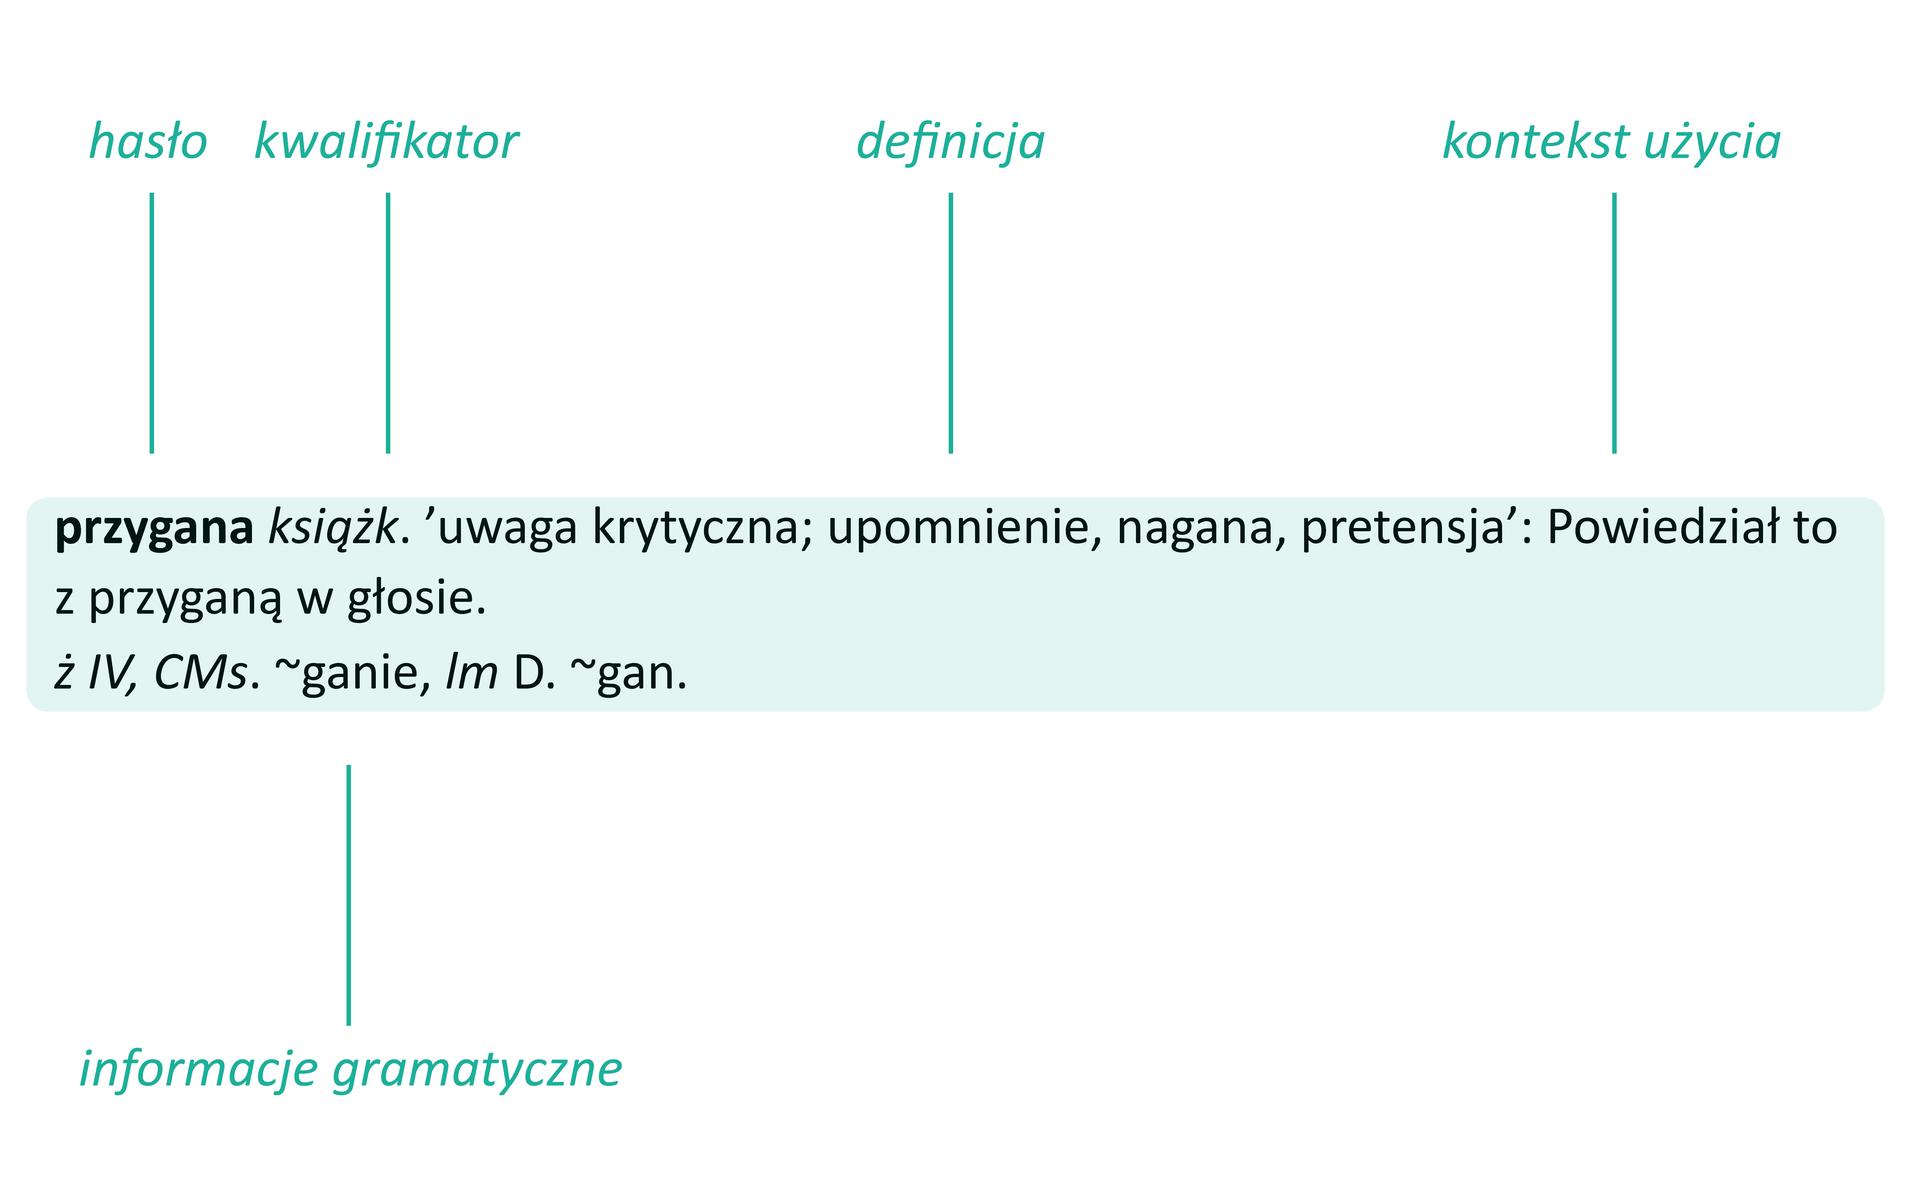 Schemat1 Źródło: Contentplus.pl sp. zo.o., licencja: CC BY-SA 4.0.